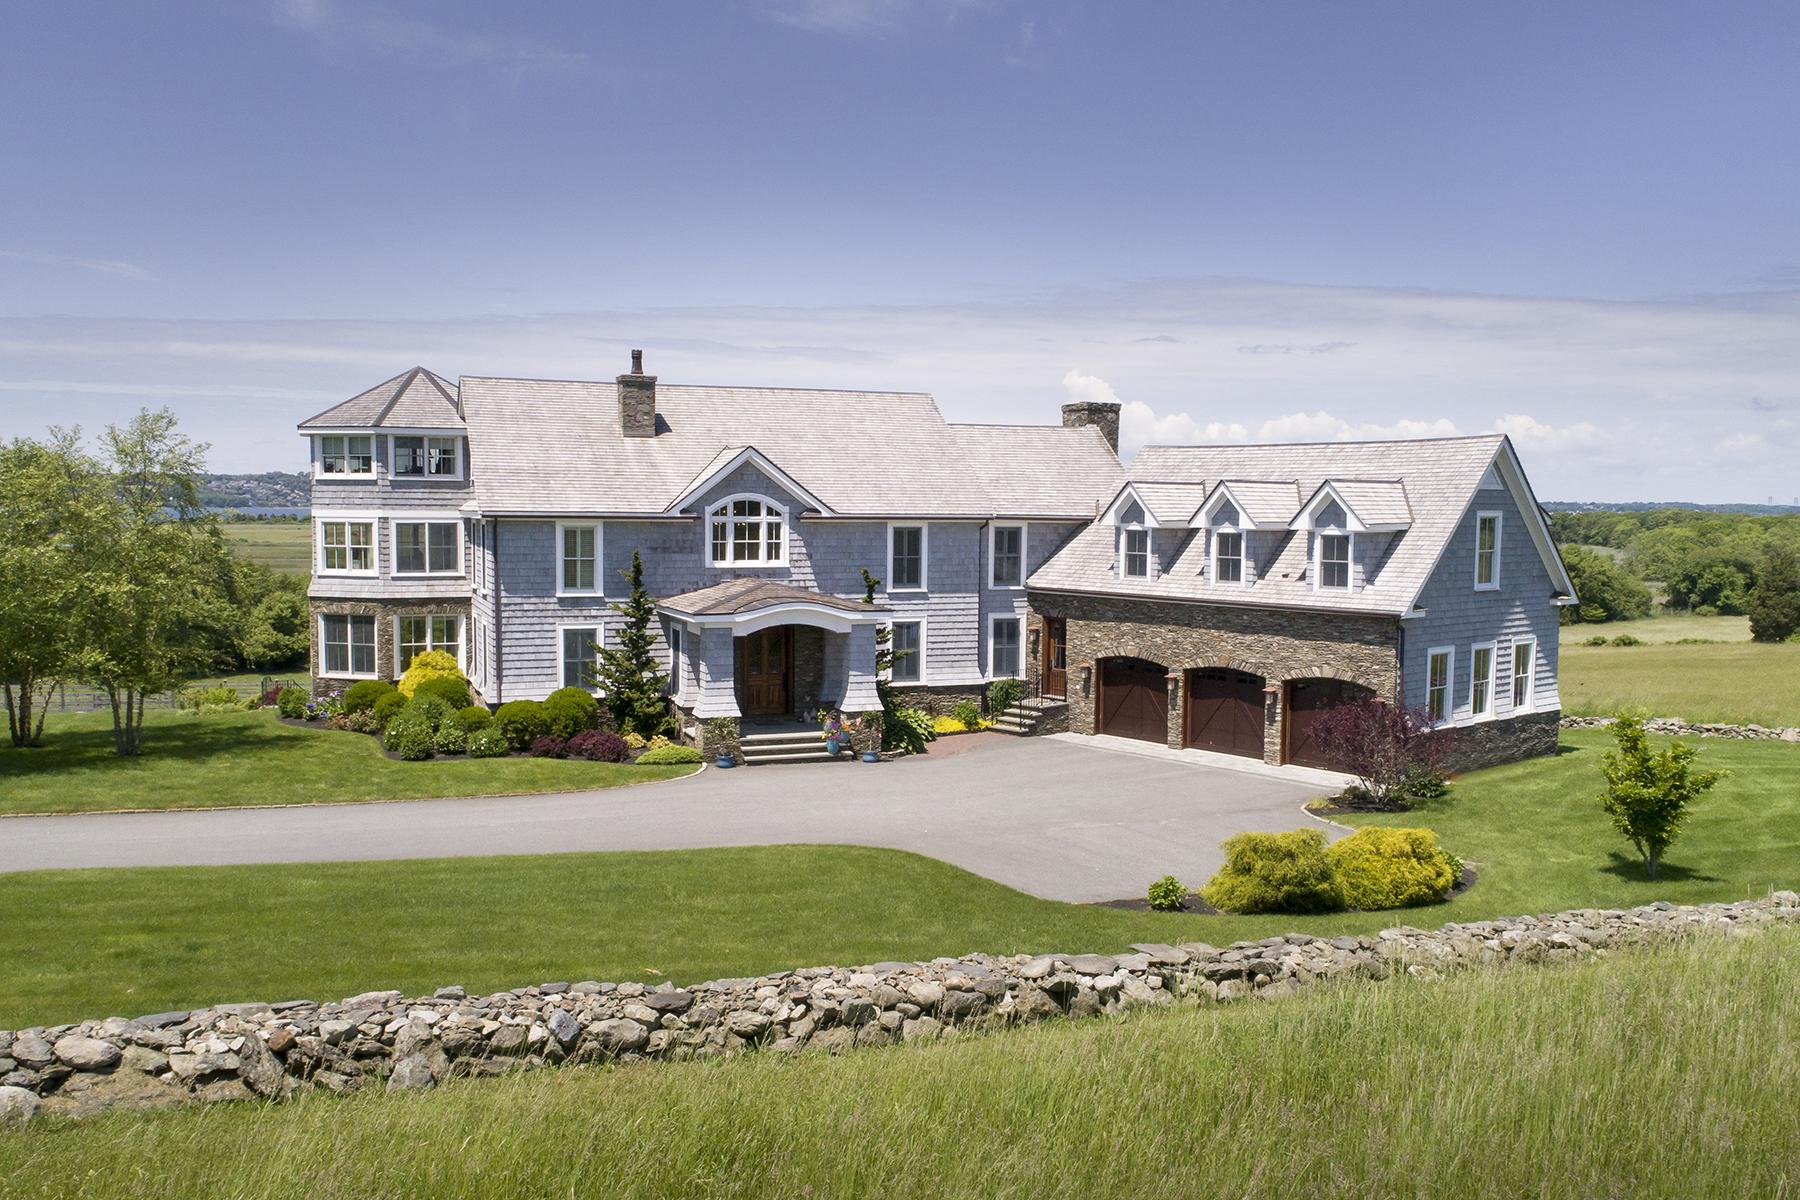 Μονοκατοικία για την Πώληση στο Summer Field's Farm 85 Nonquit Lane, Tiverton, Ροουντ Αϊλαντ 02878 Ηνωμένες Πολιτείες